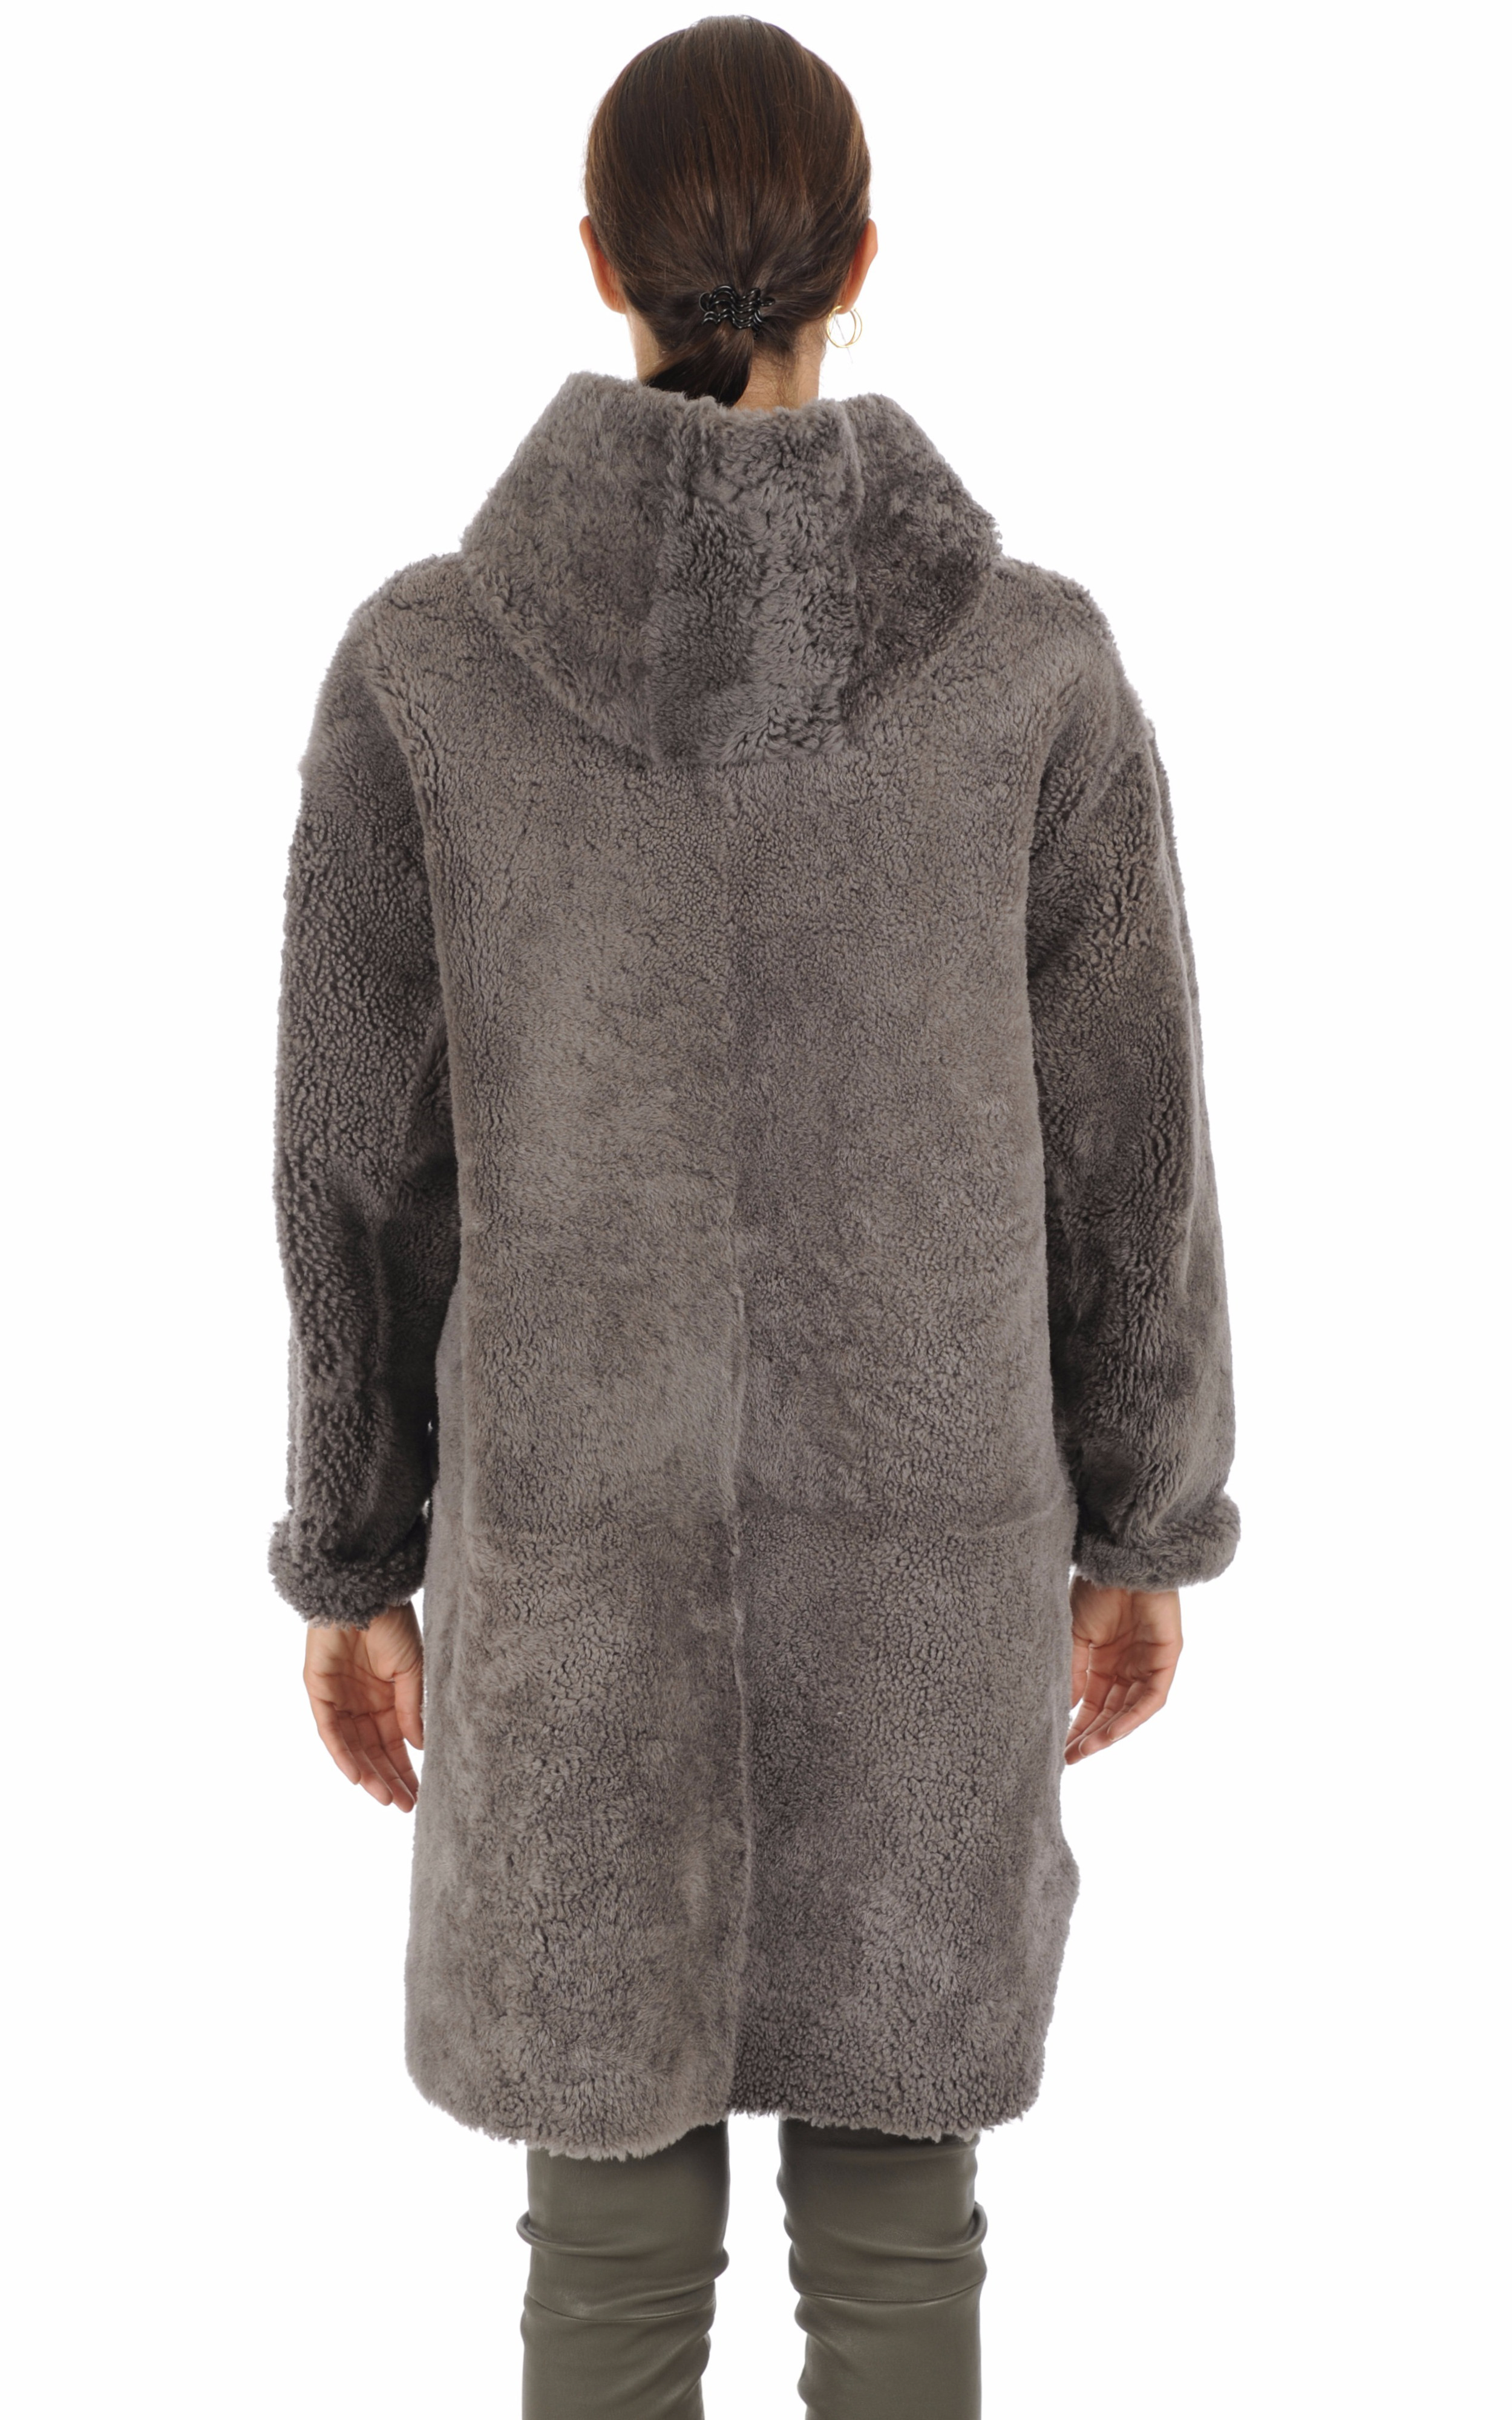 Peau lainée réversible gris foncé Anne Delaigle